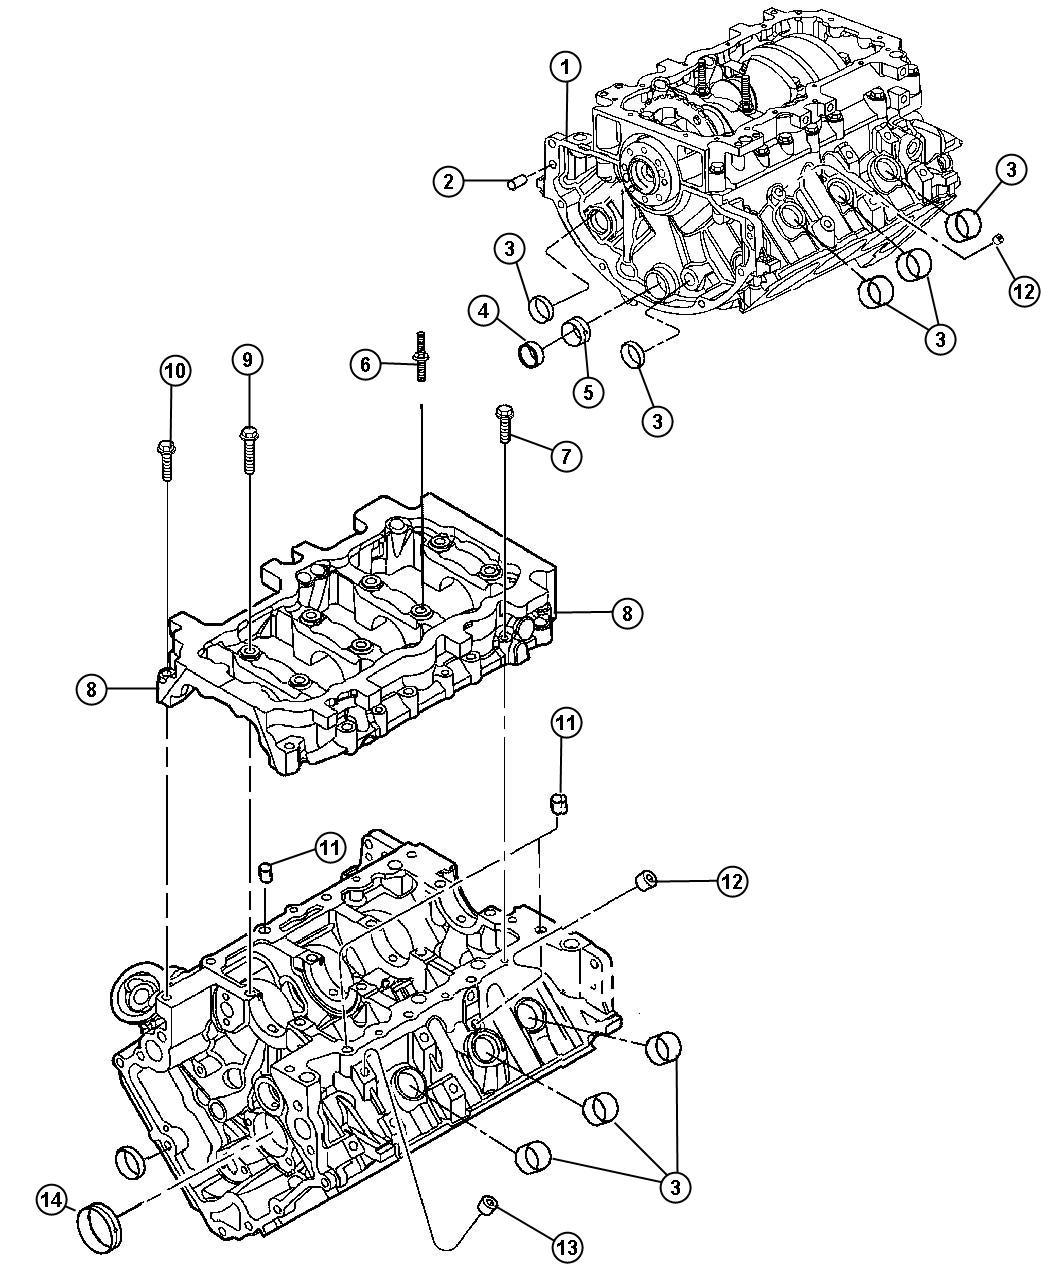 2007 Jeep Commander 4x4, 3.7L V6, 5-Speed Auto W5A580